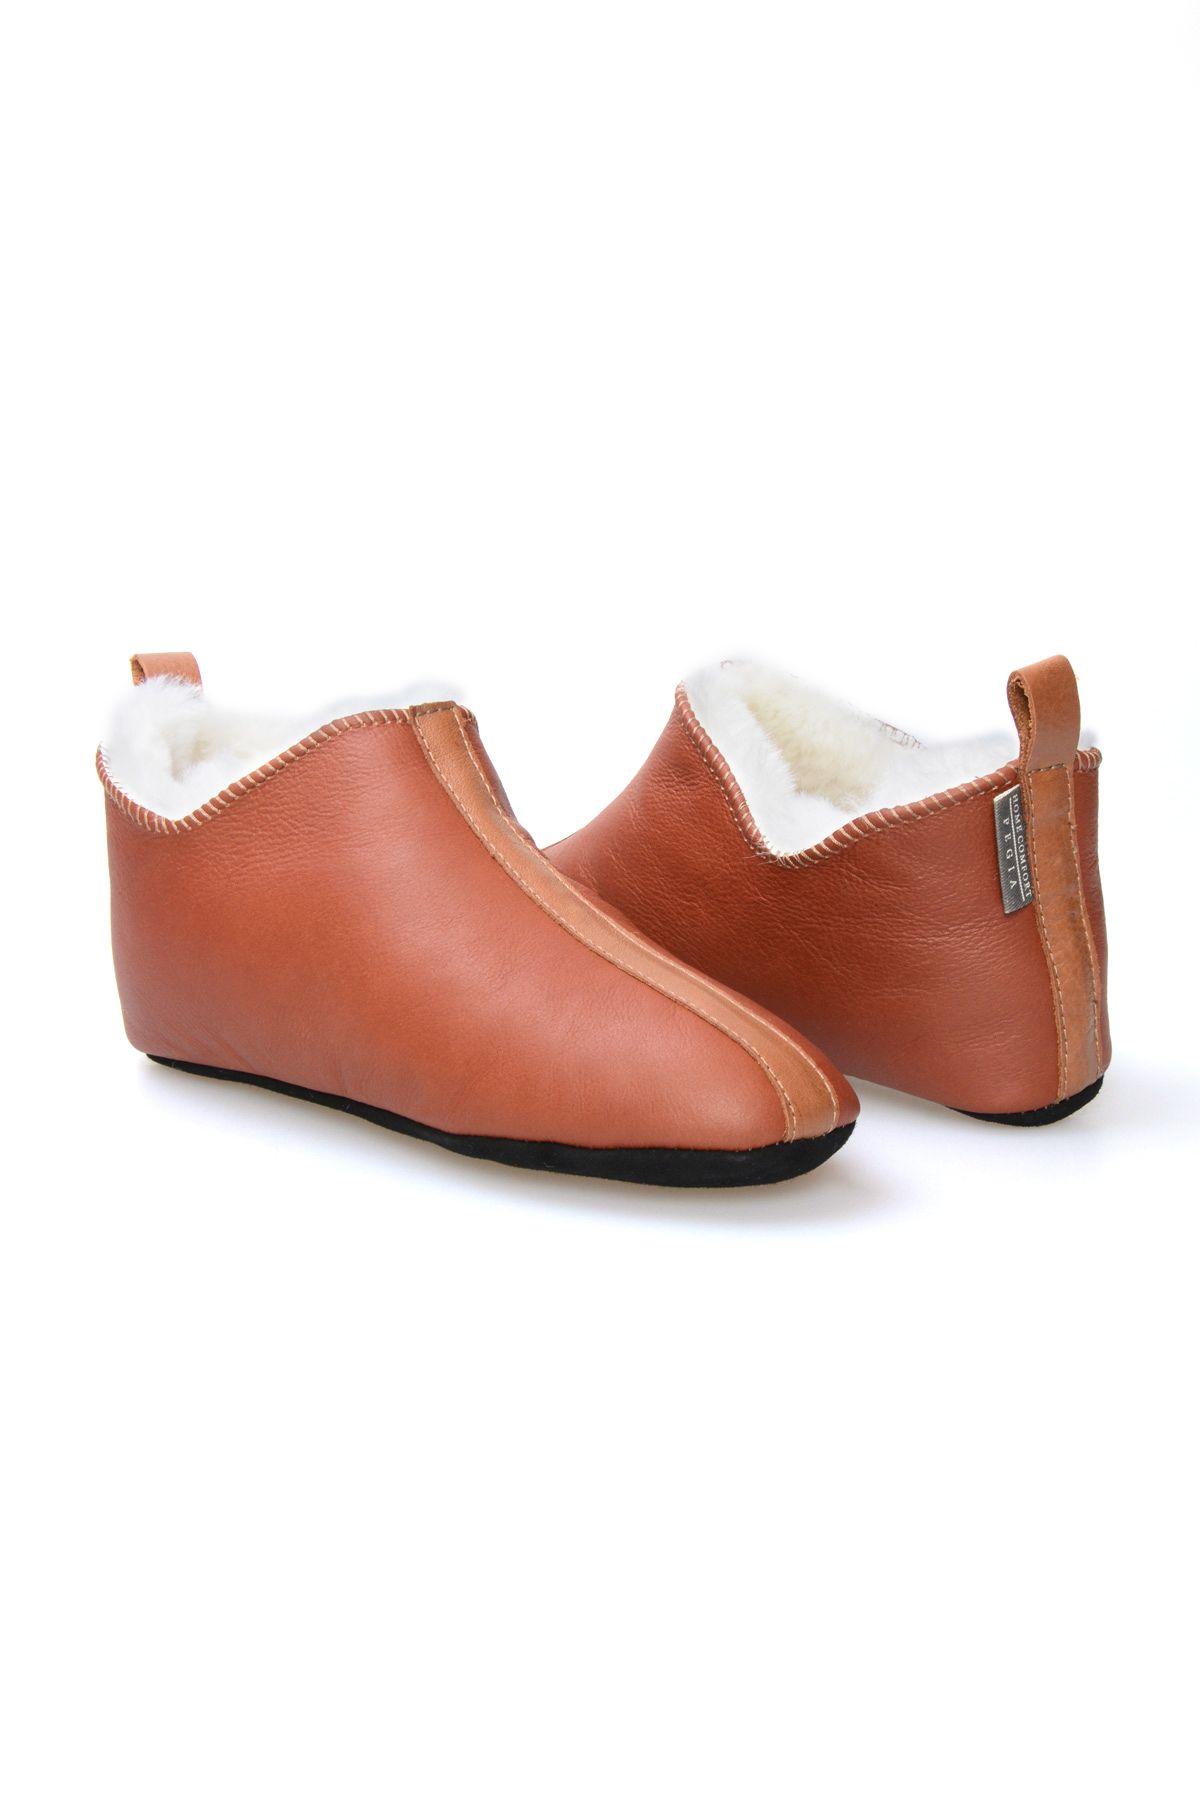 Pegia Hakiki Kürklü Süet Erkek Ev Ayakkabısı 980477 Taba